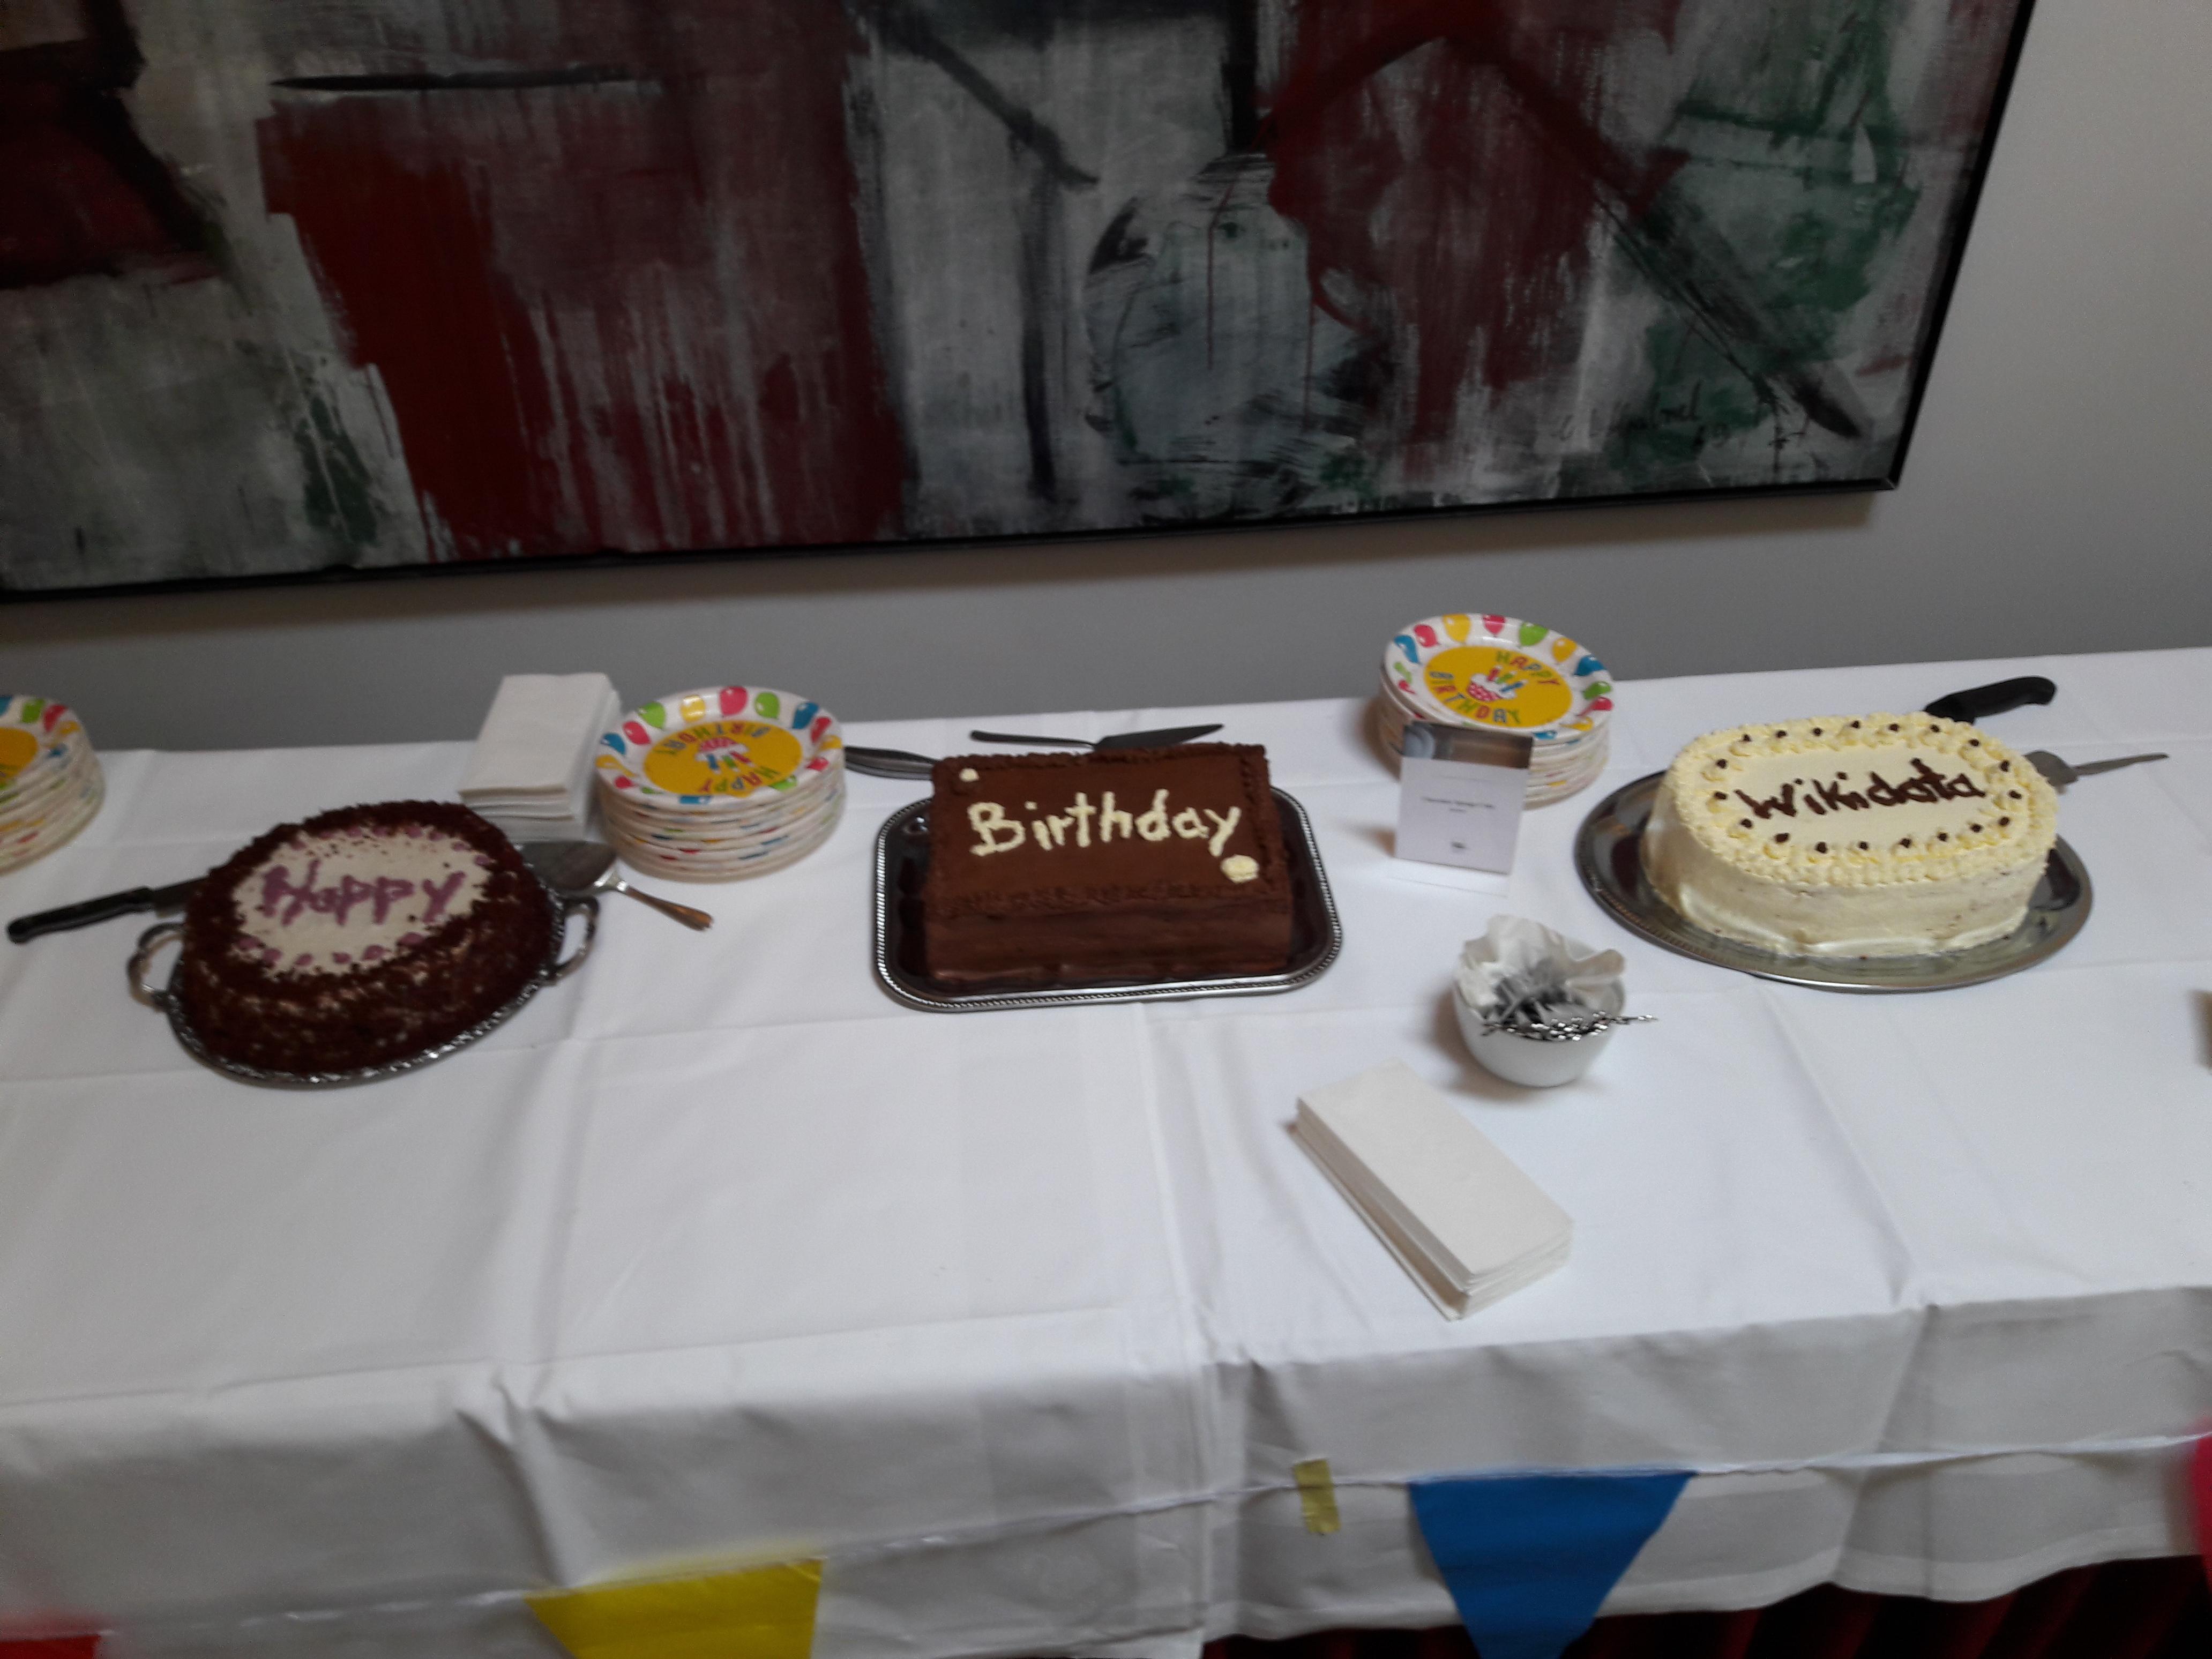 DateiWikidata Birthday Cake 140913